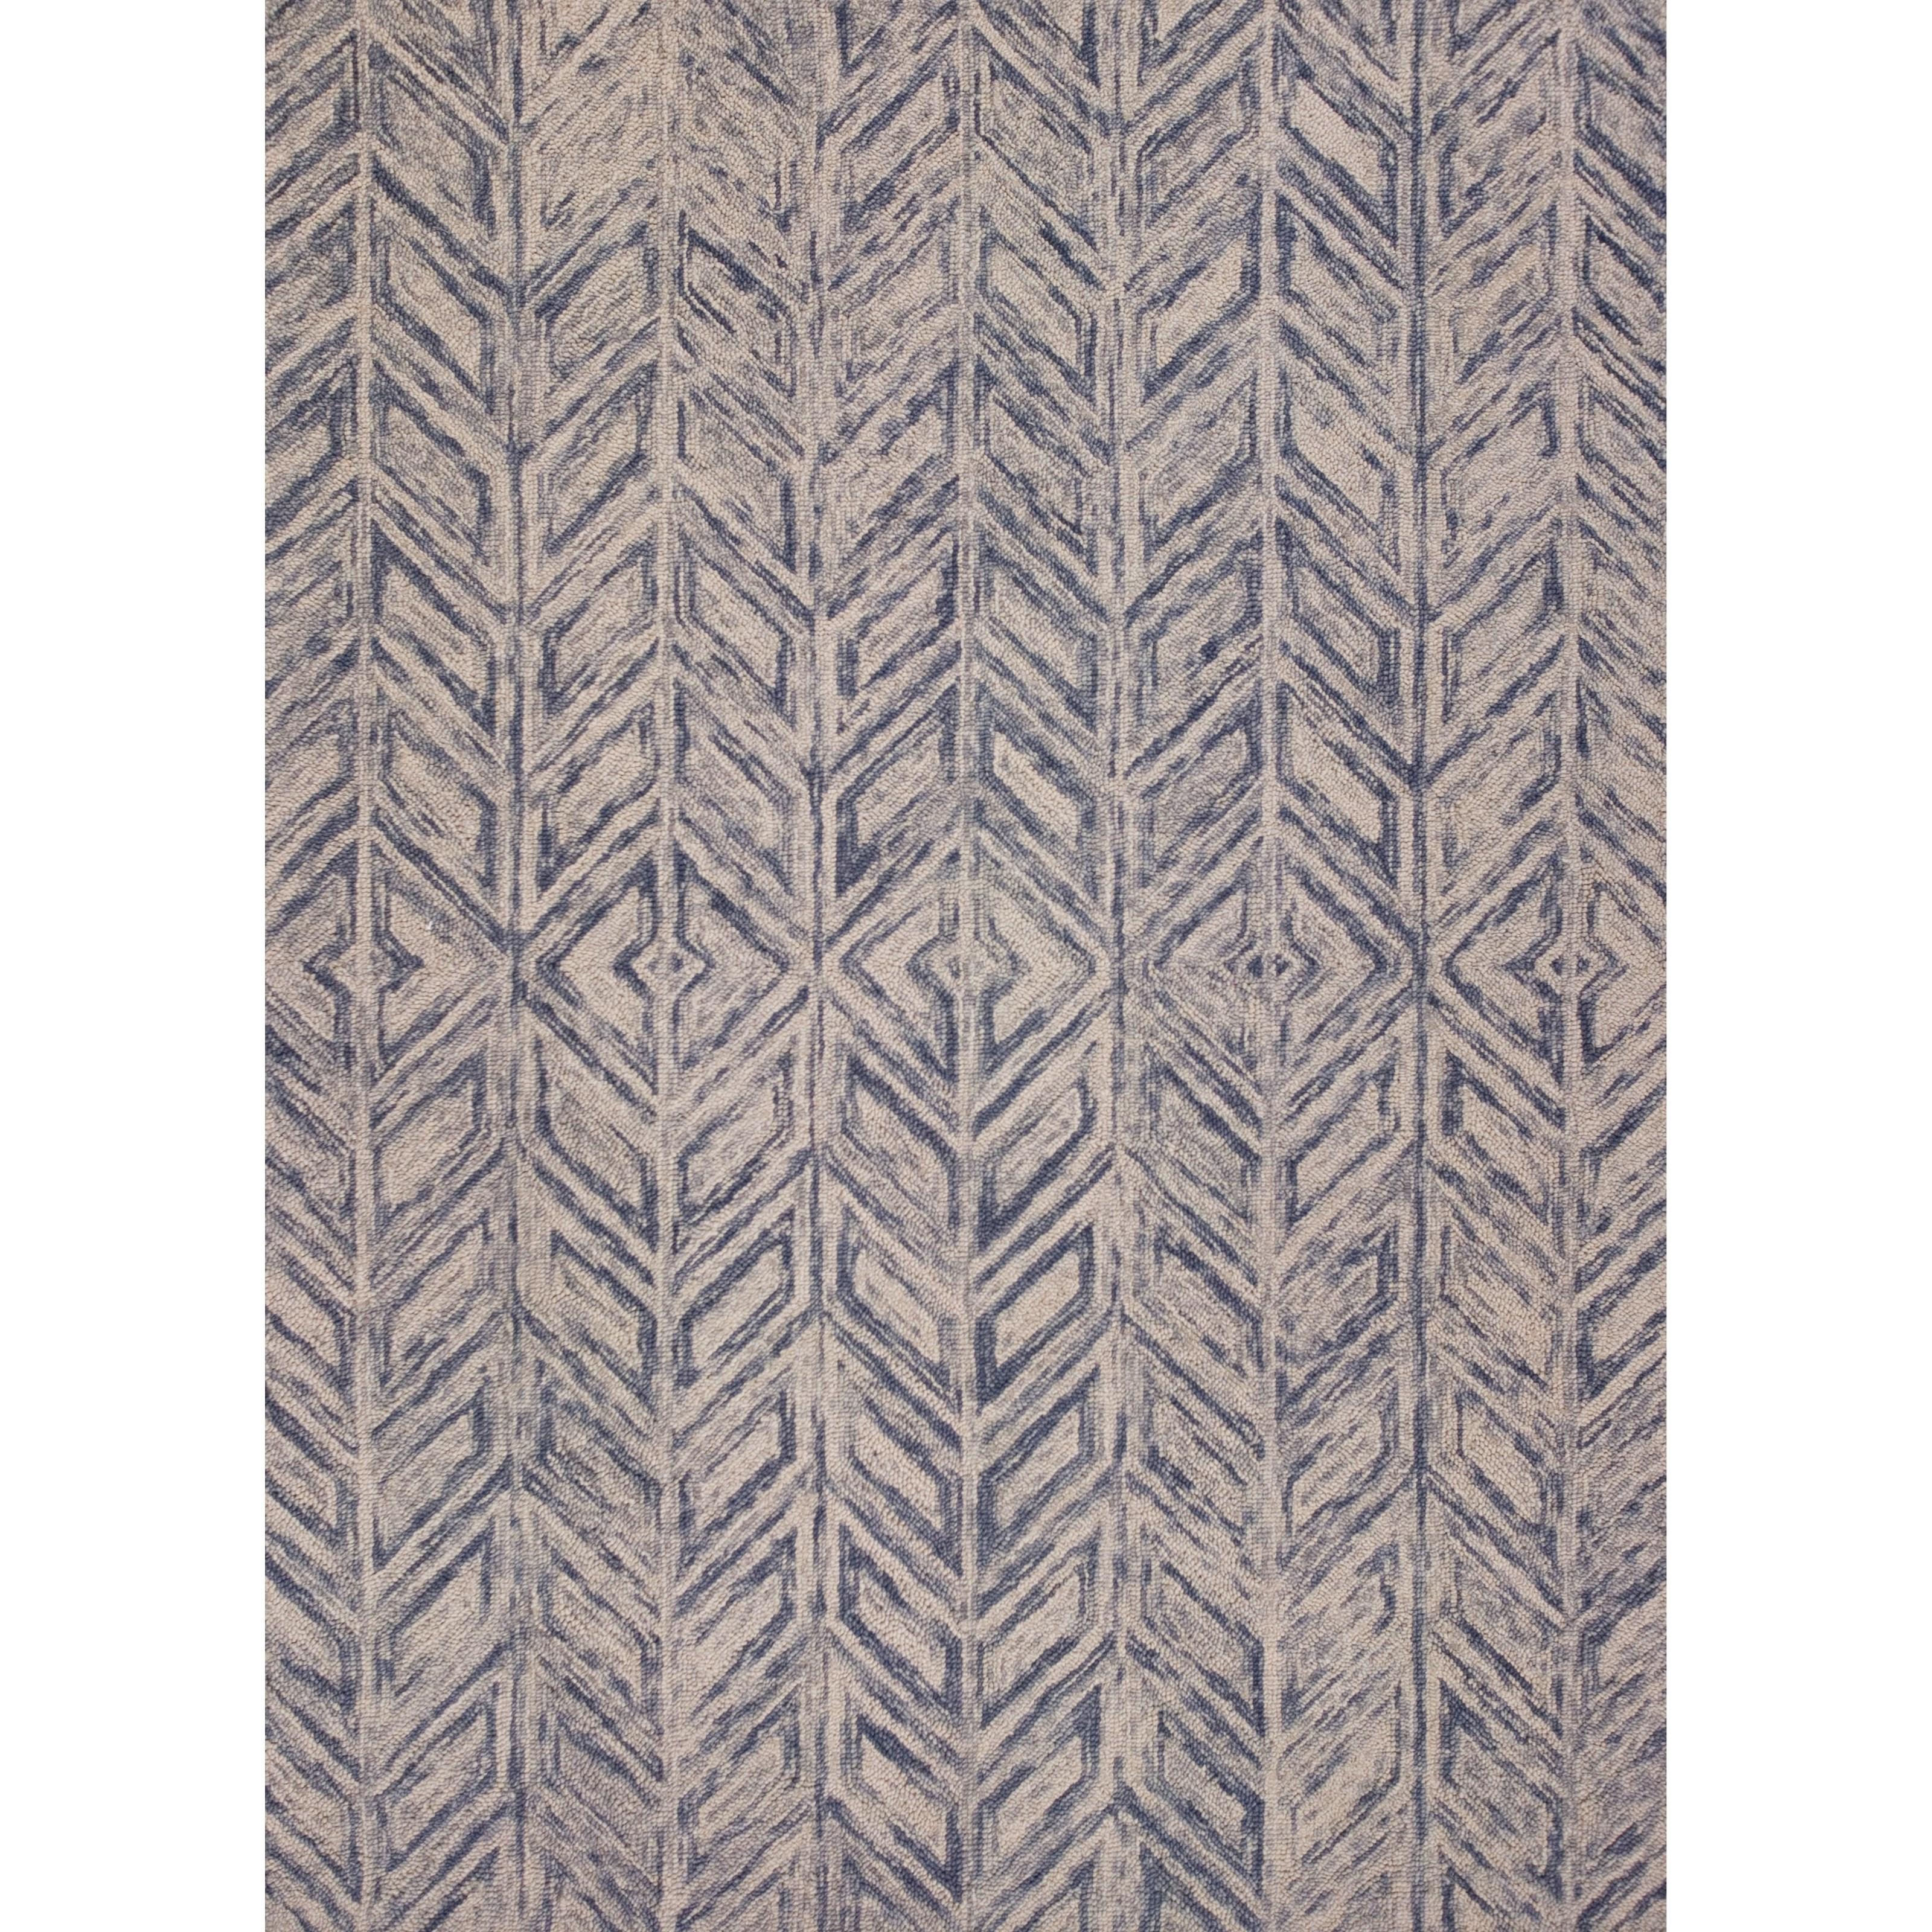 9' x 12' Blue Heather Herringbone Rug